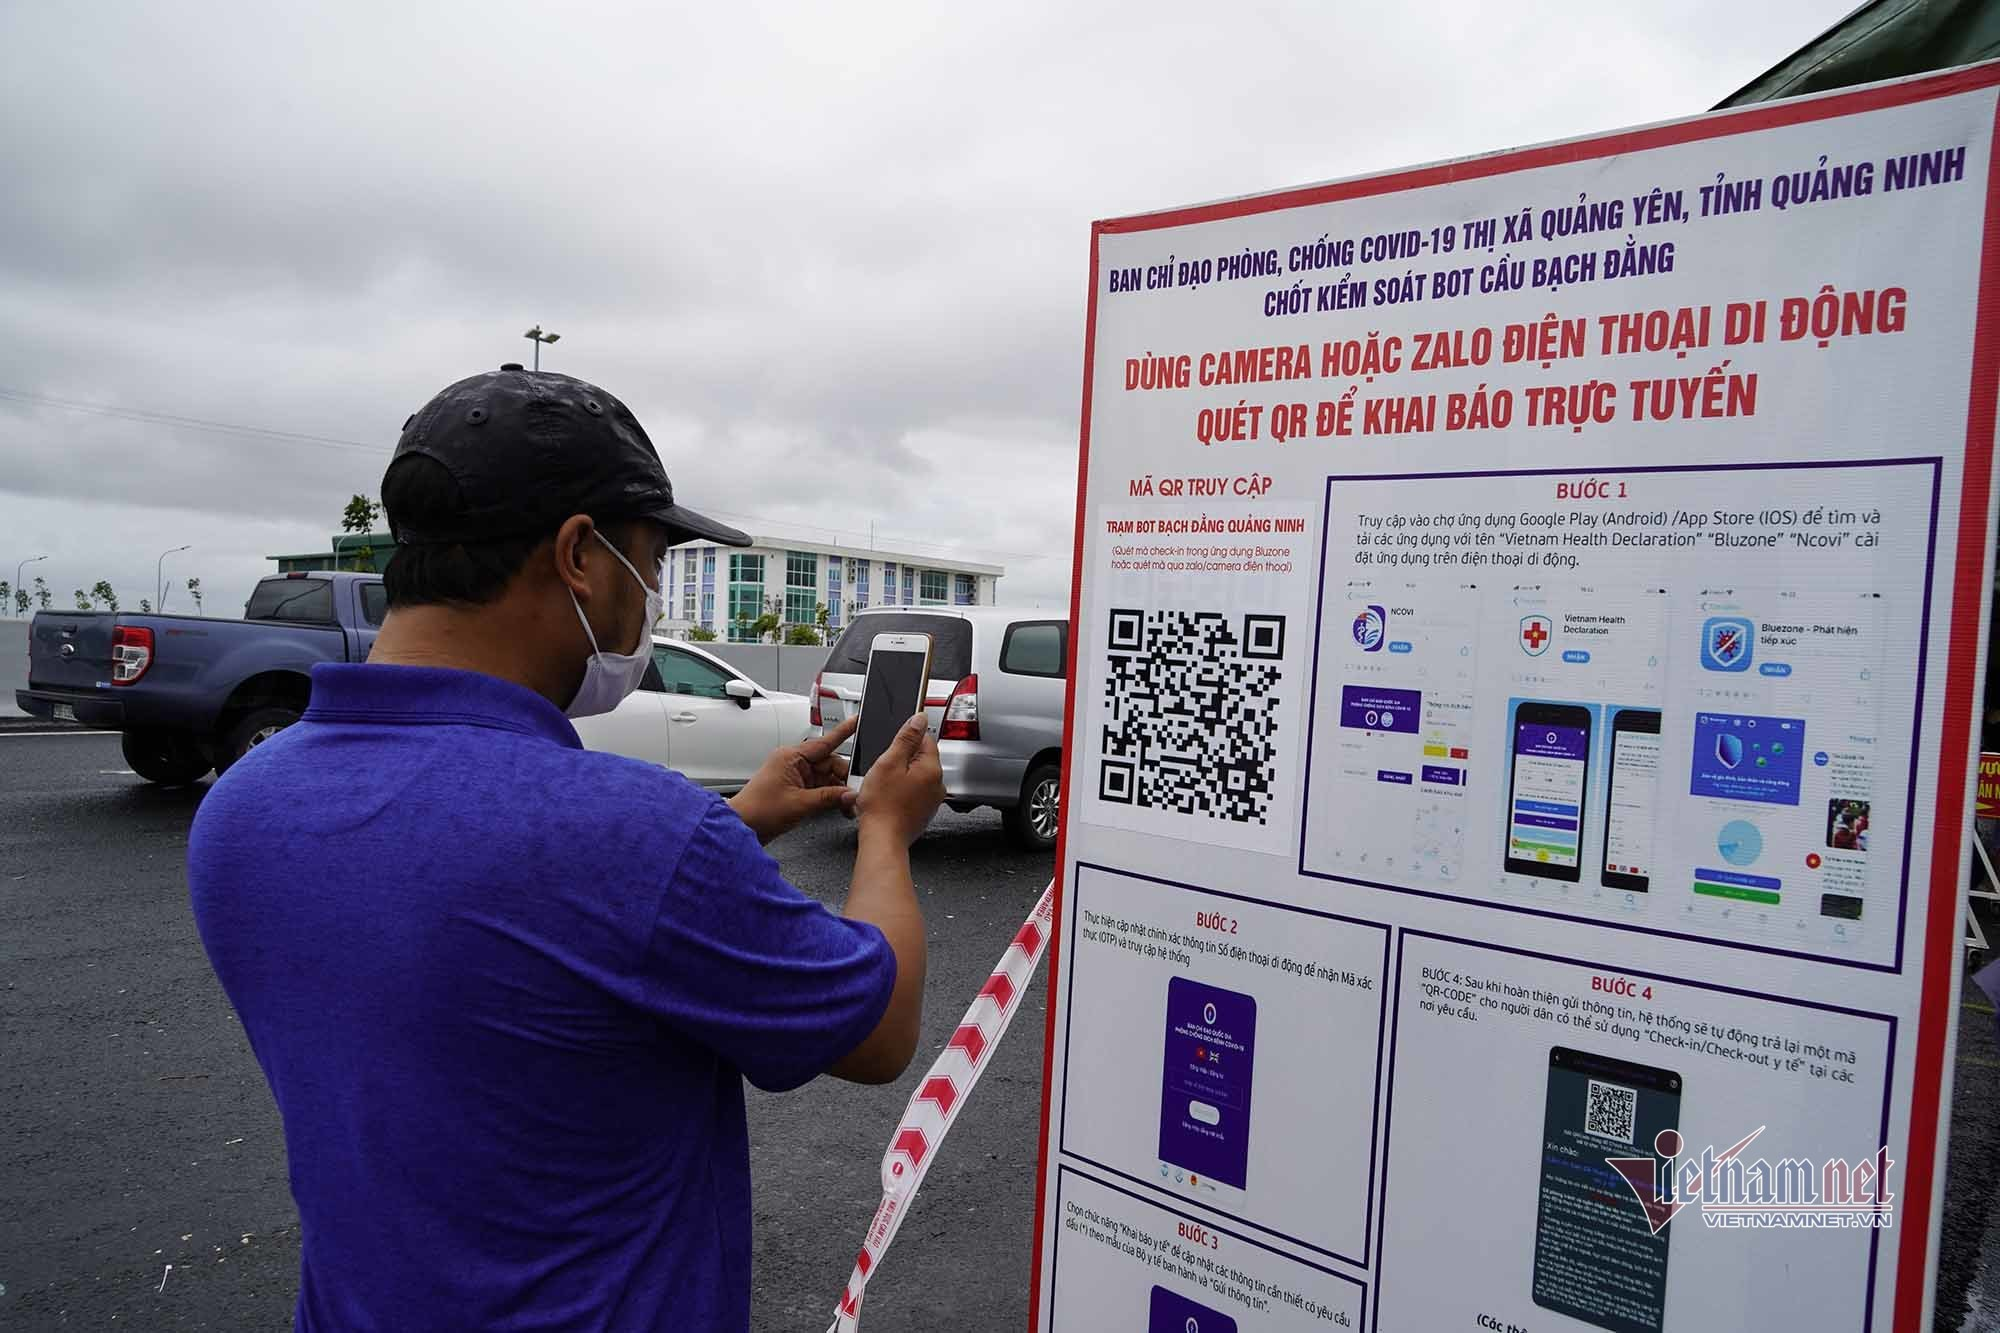 Người vào Quảng Ninh phải có xét nghiệm PCR âm tính, tiêm 2 mũi vắc xin